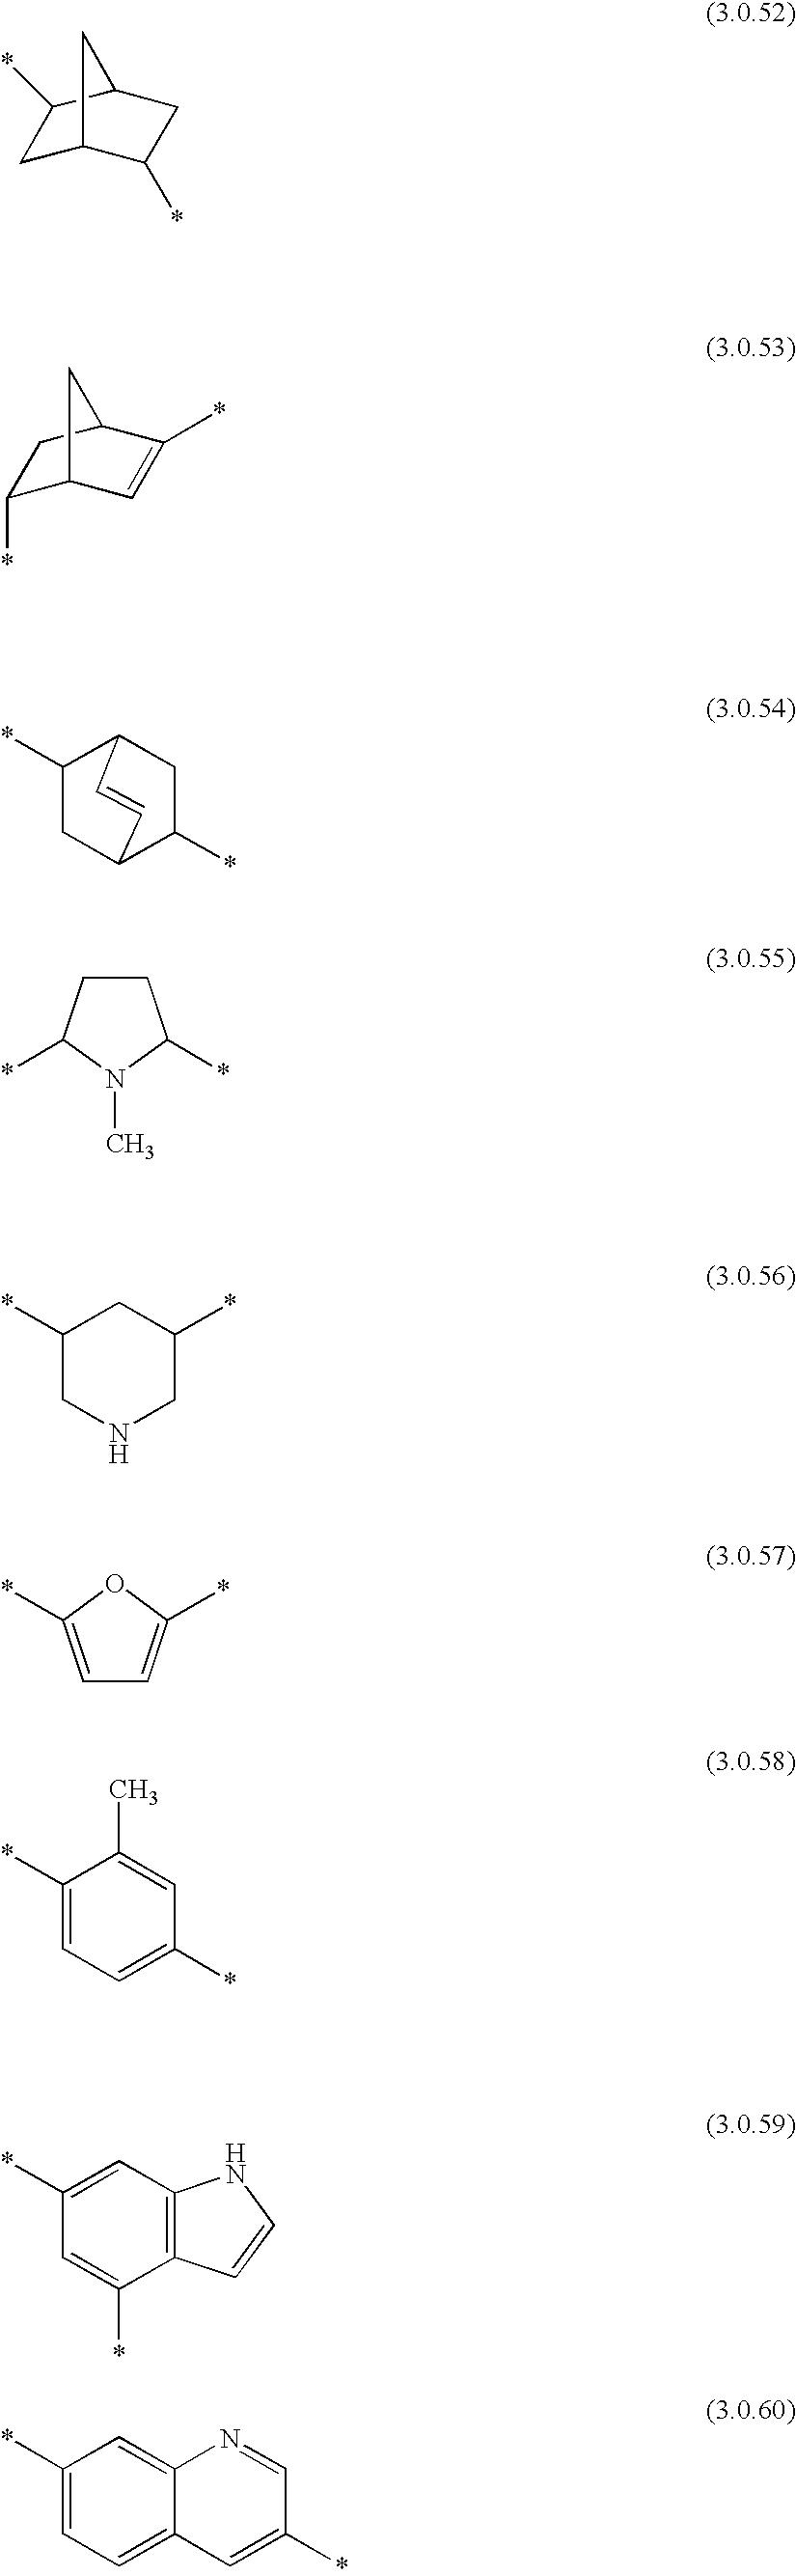 Figure US20030186974A1-20031002-C00130